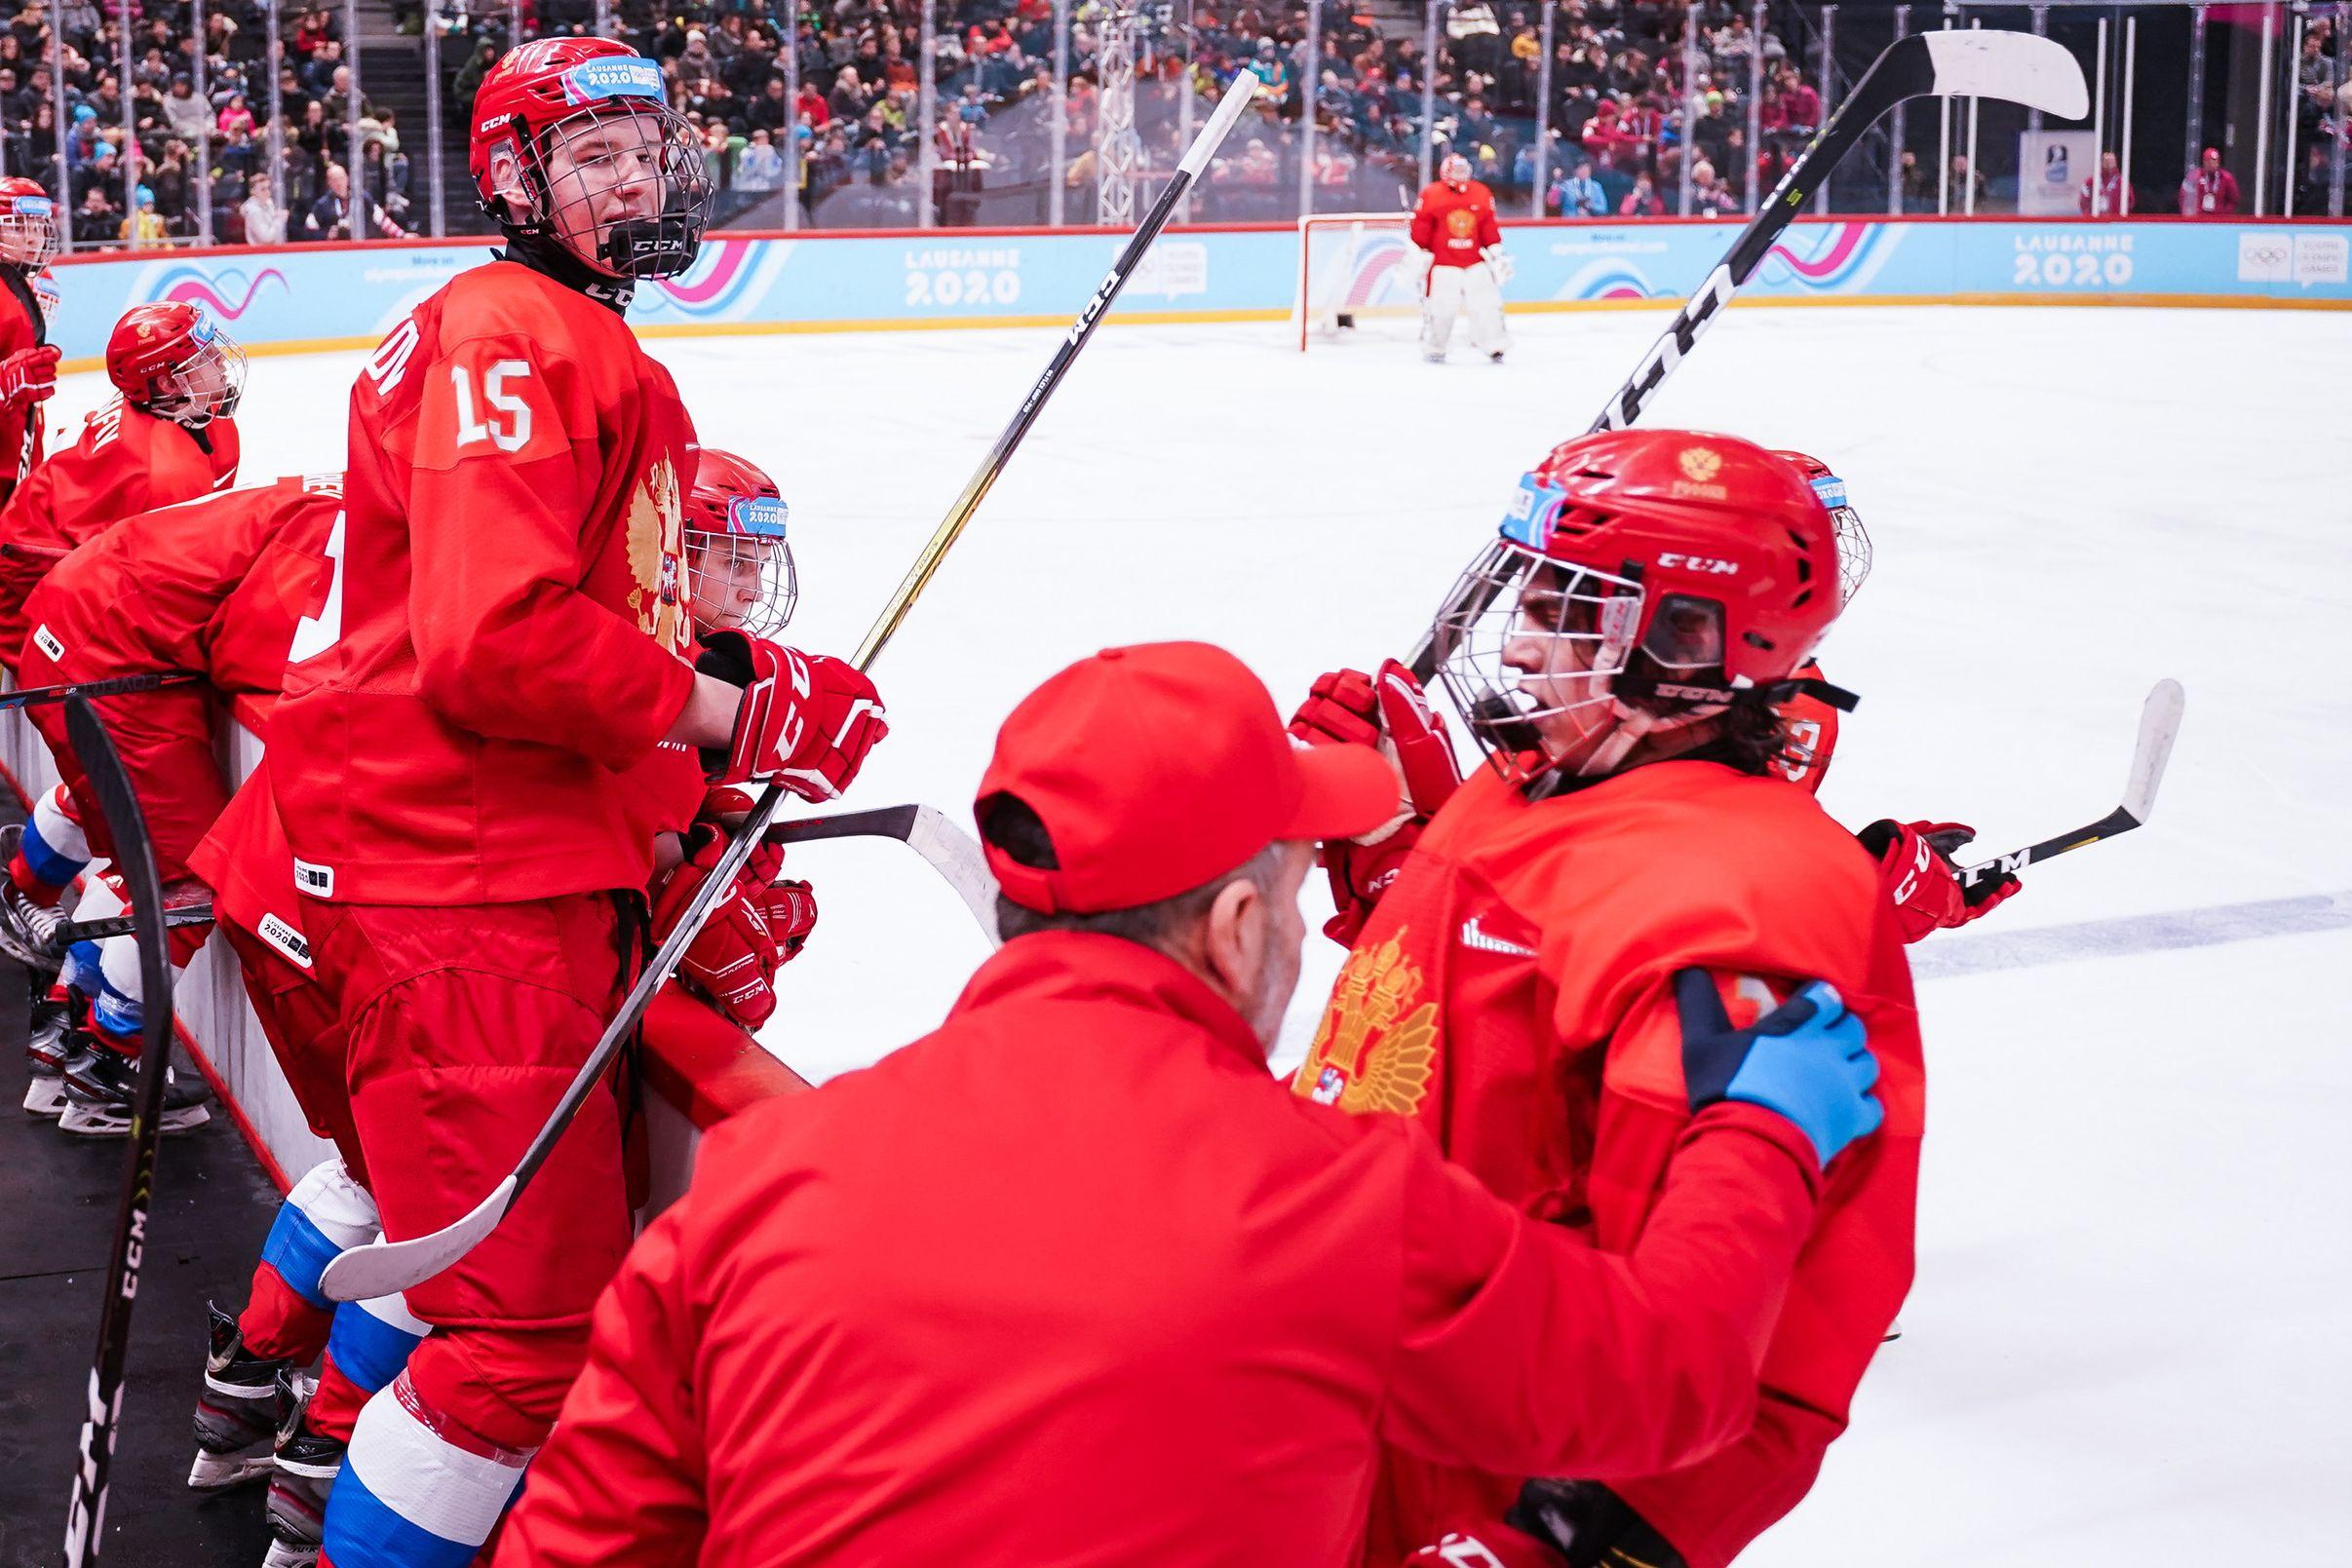 Хоккеист сборной России в матче с Австрией на МЧМ назвал судью дураком